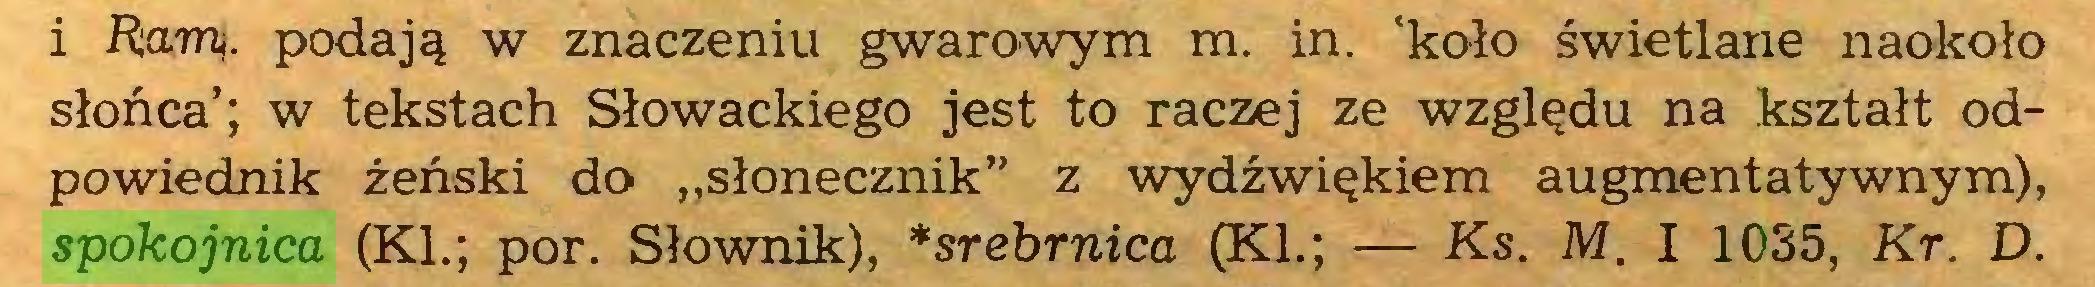 """(...) i Rann. podają w znaczeniu gwarowym m. in. 'koło świetlane naokoło słońca'; w tekstach Słowackiego jest to raczej ze względu na kształt odpowiednik żeński do """"słonecznik"""" z wydźwiękiem augmentatywnym), spokojnica (KI.; por. Słownik), *srebrnica (KI.; — Ks. M. I 1035, Kr. D..."""